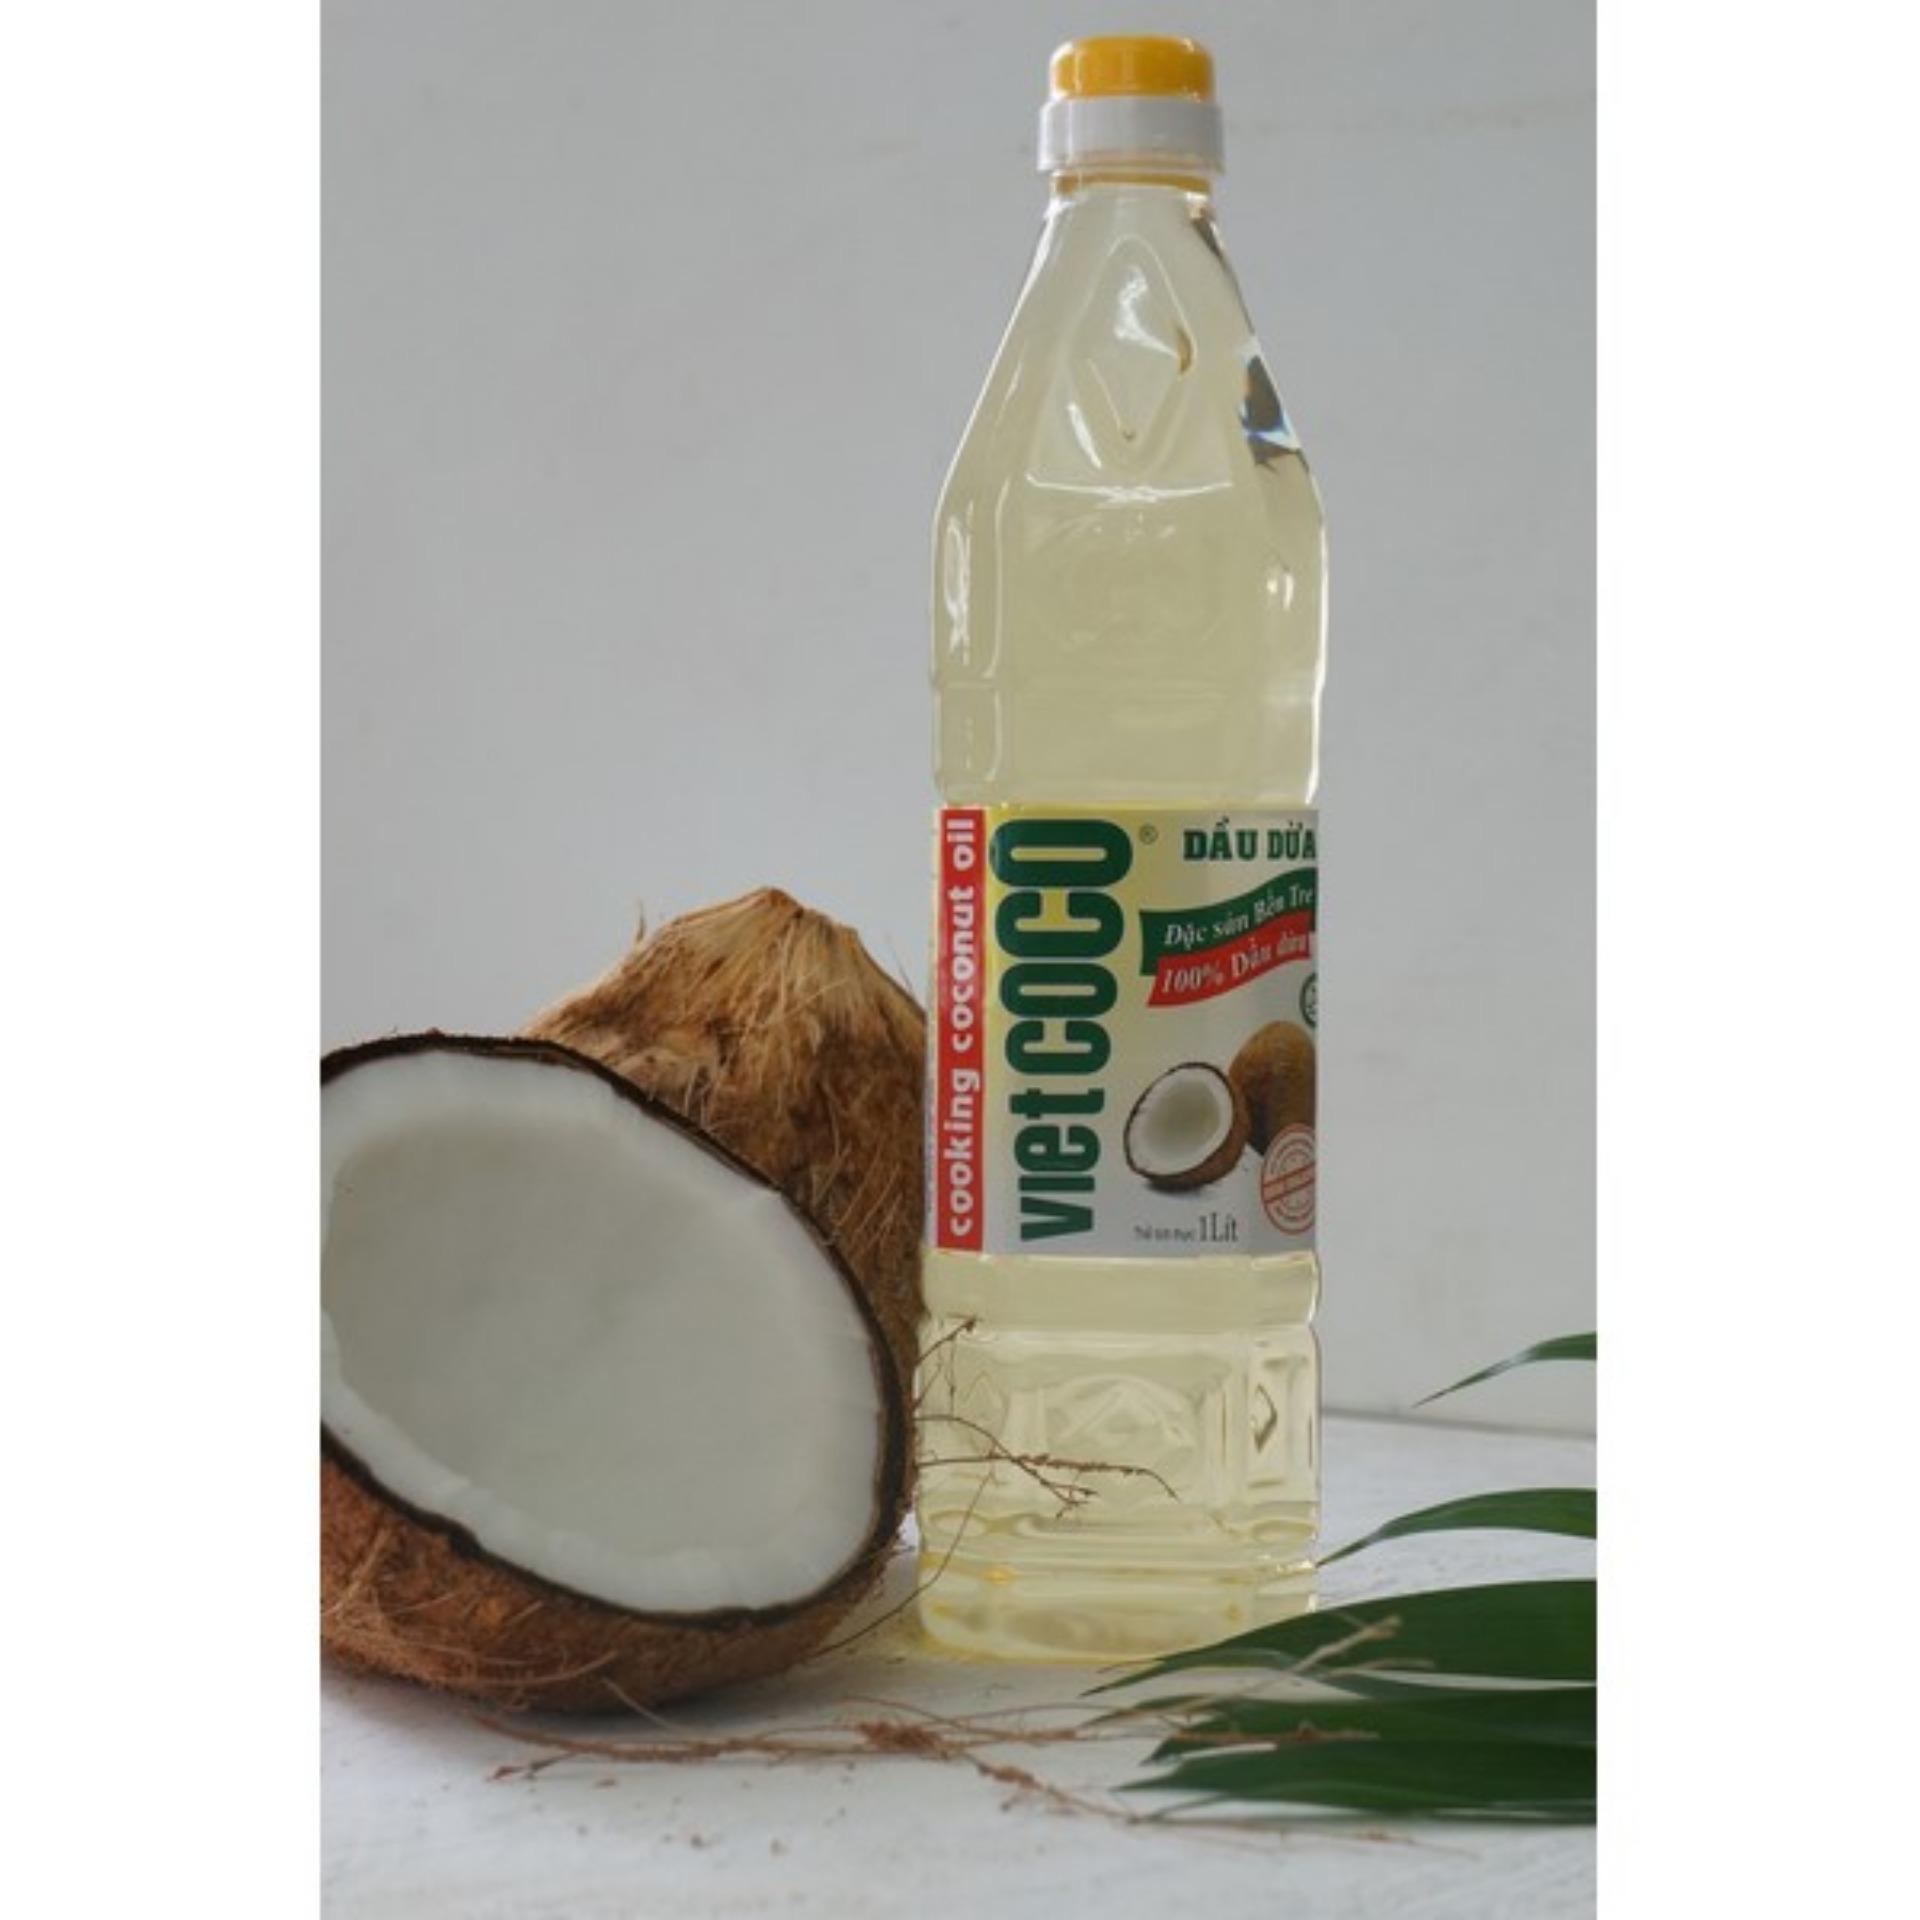 Giá bán Dầu dừa nguyên chất tinh luyện Thành Vinh chai 1L